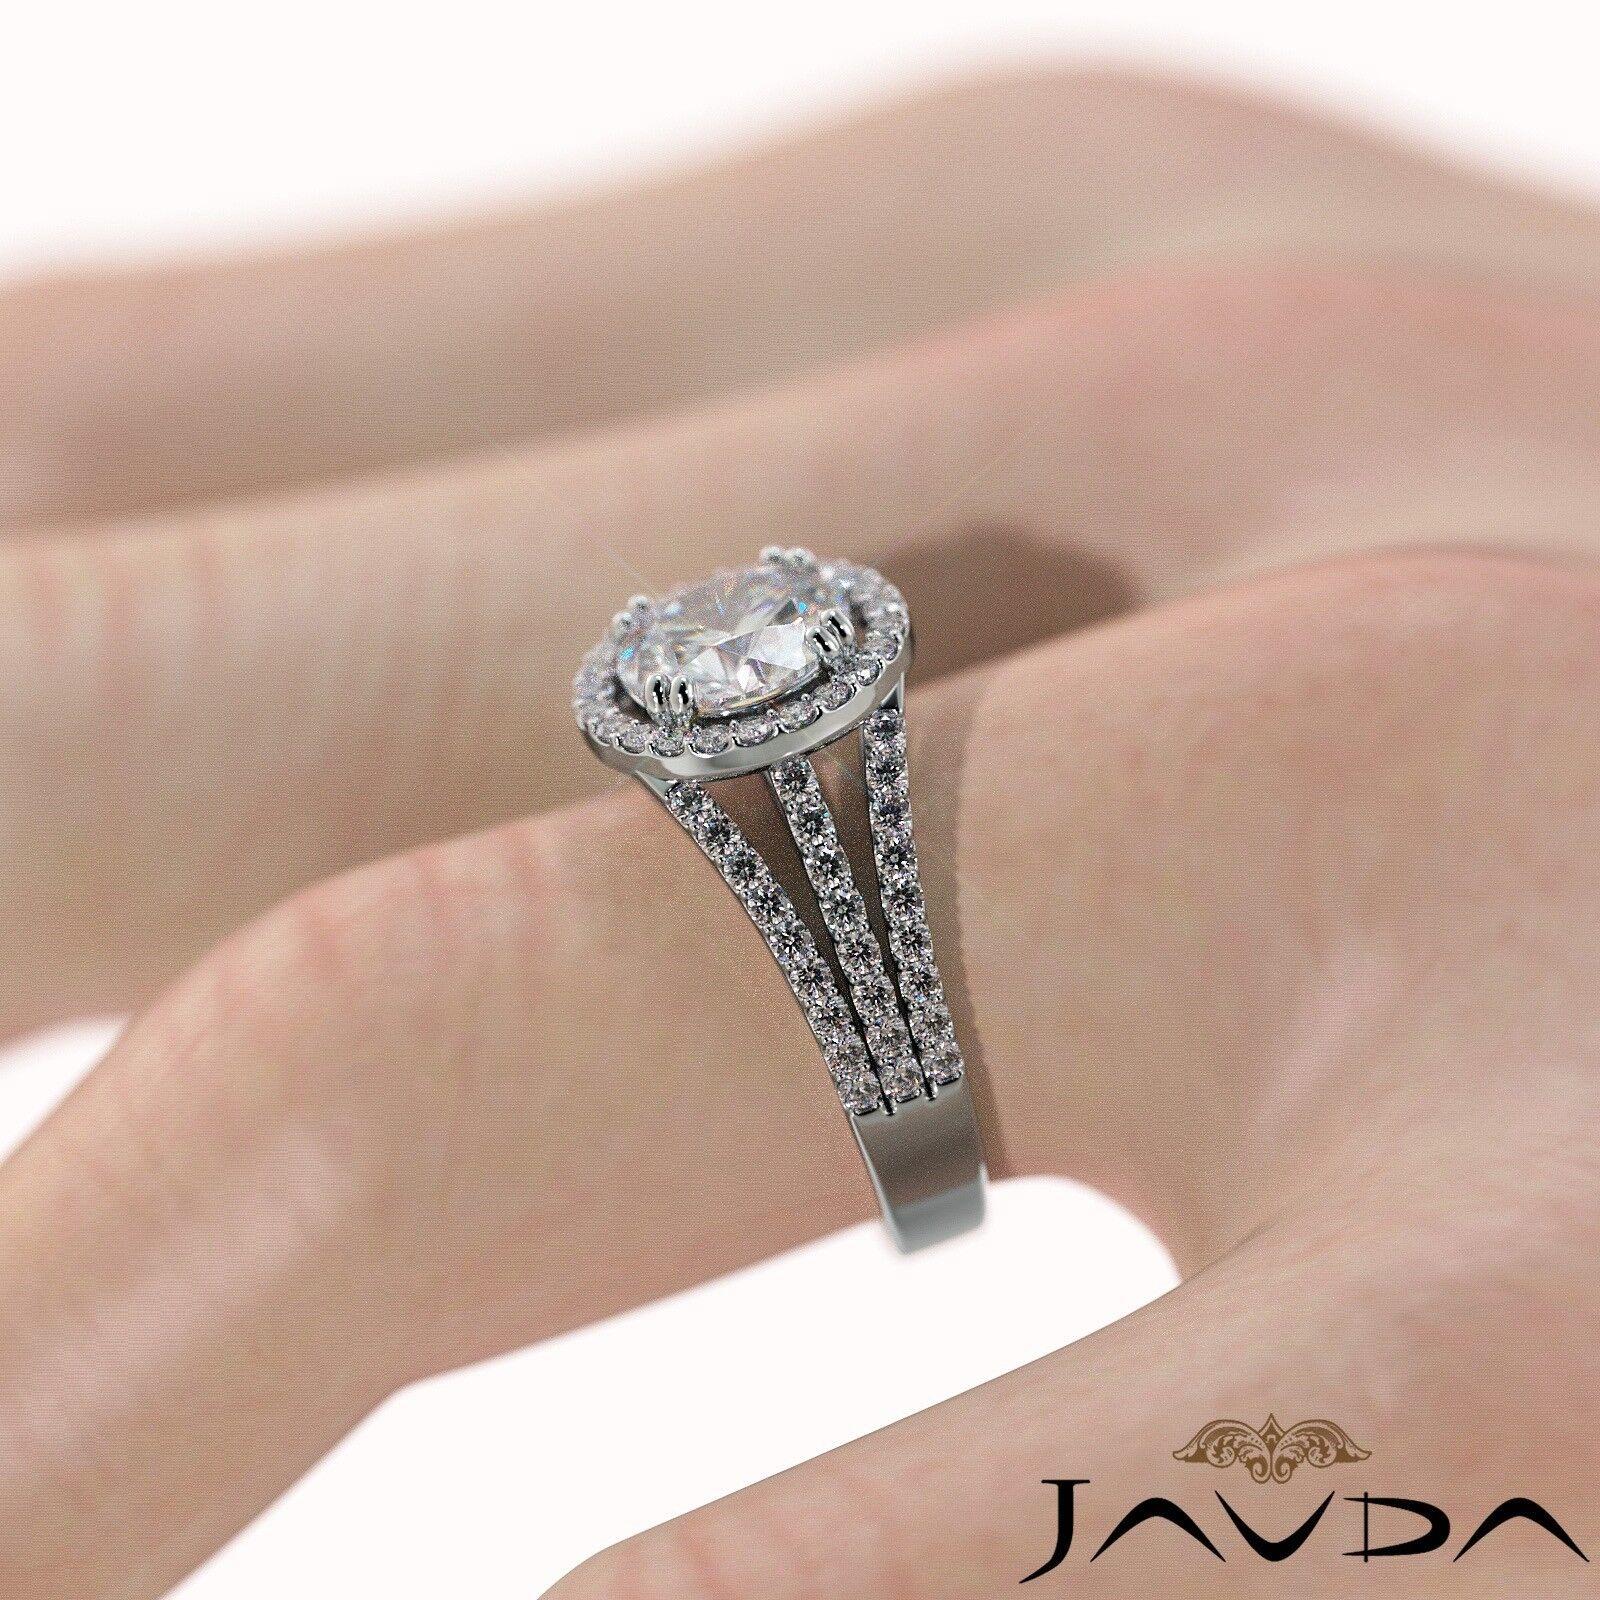 2ct Trio Shank Halo Sidestone Round Diamond Engagement Ring GIA E-VS2 White Gold 5